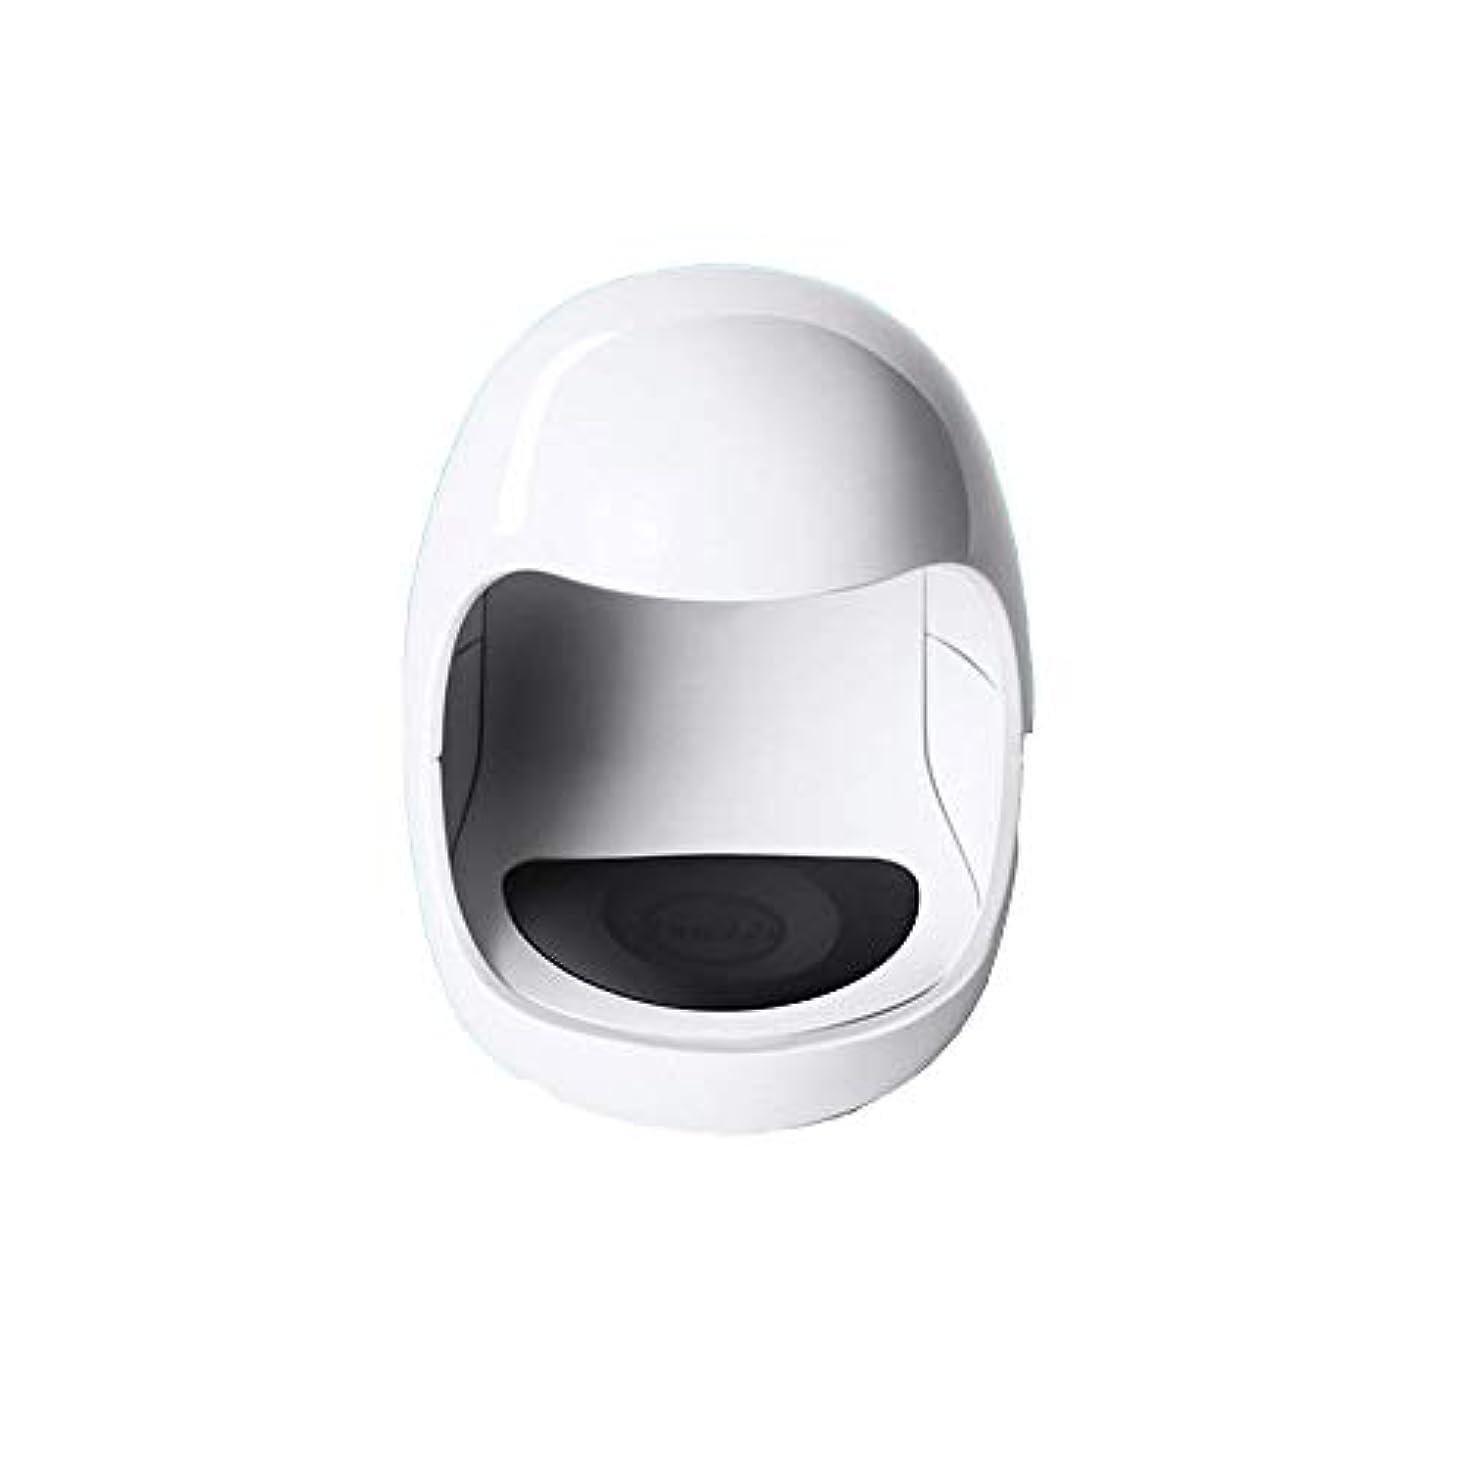 ブッシュ全体にバイバイYESONEEP ミニ光線療法機ミニシングルフィンガーネイルライトセラピーライトUSB日光LED速乾性ネイルオイルグルーベーキングランプ (色 : White)